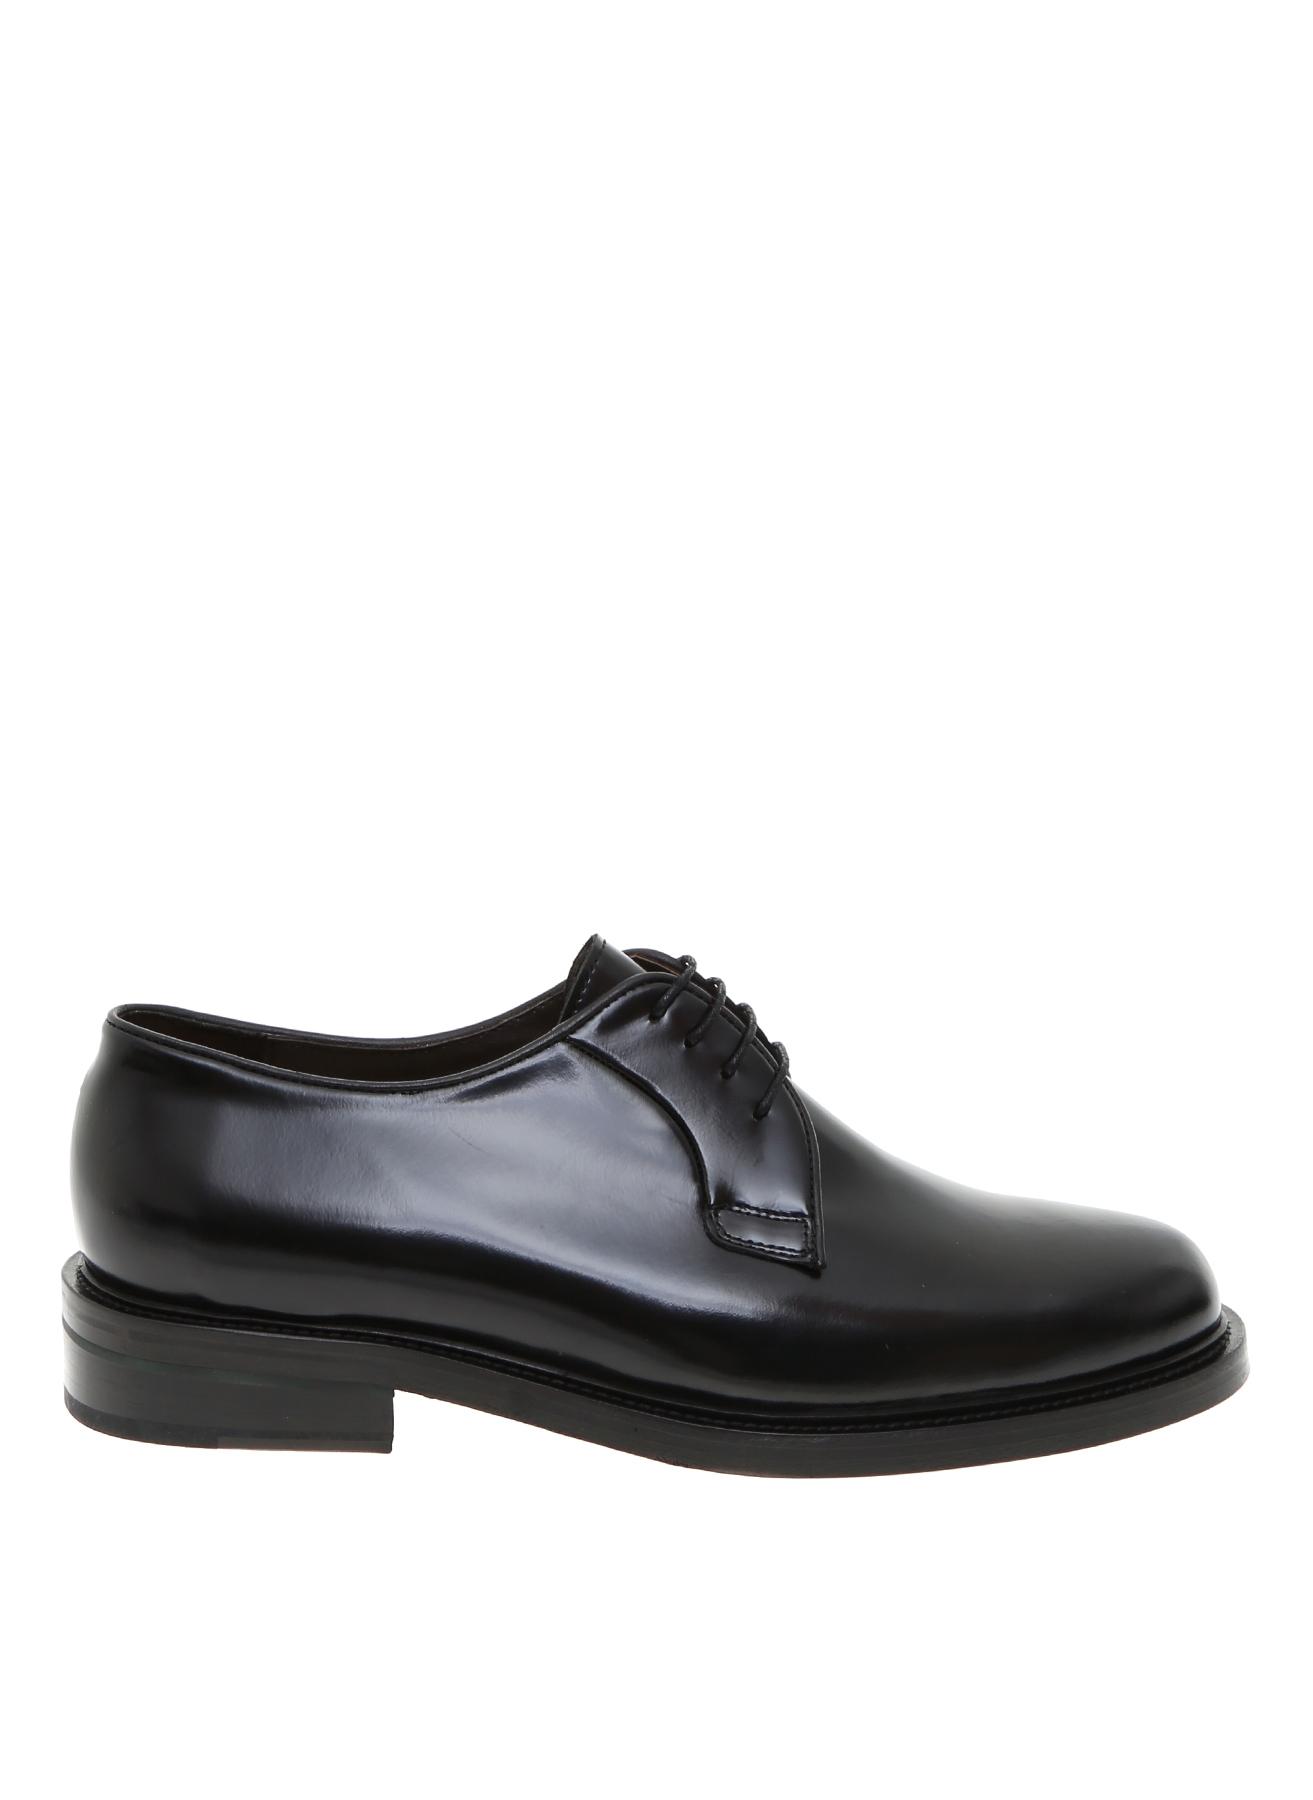 George Hogg Erkek Klasik Ayakkabı 44 5001909214001 Ürün Resmi